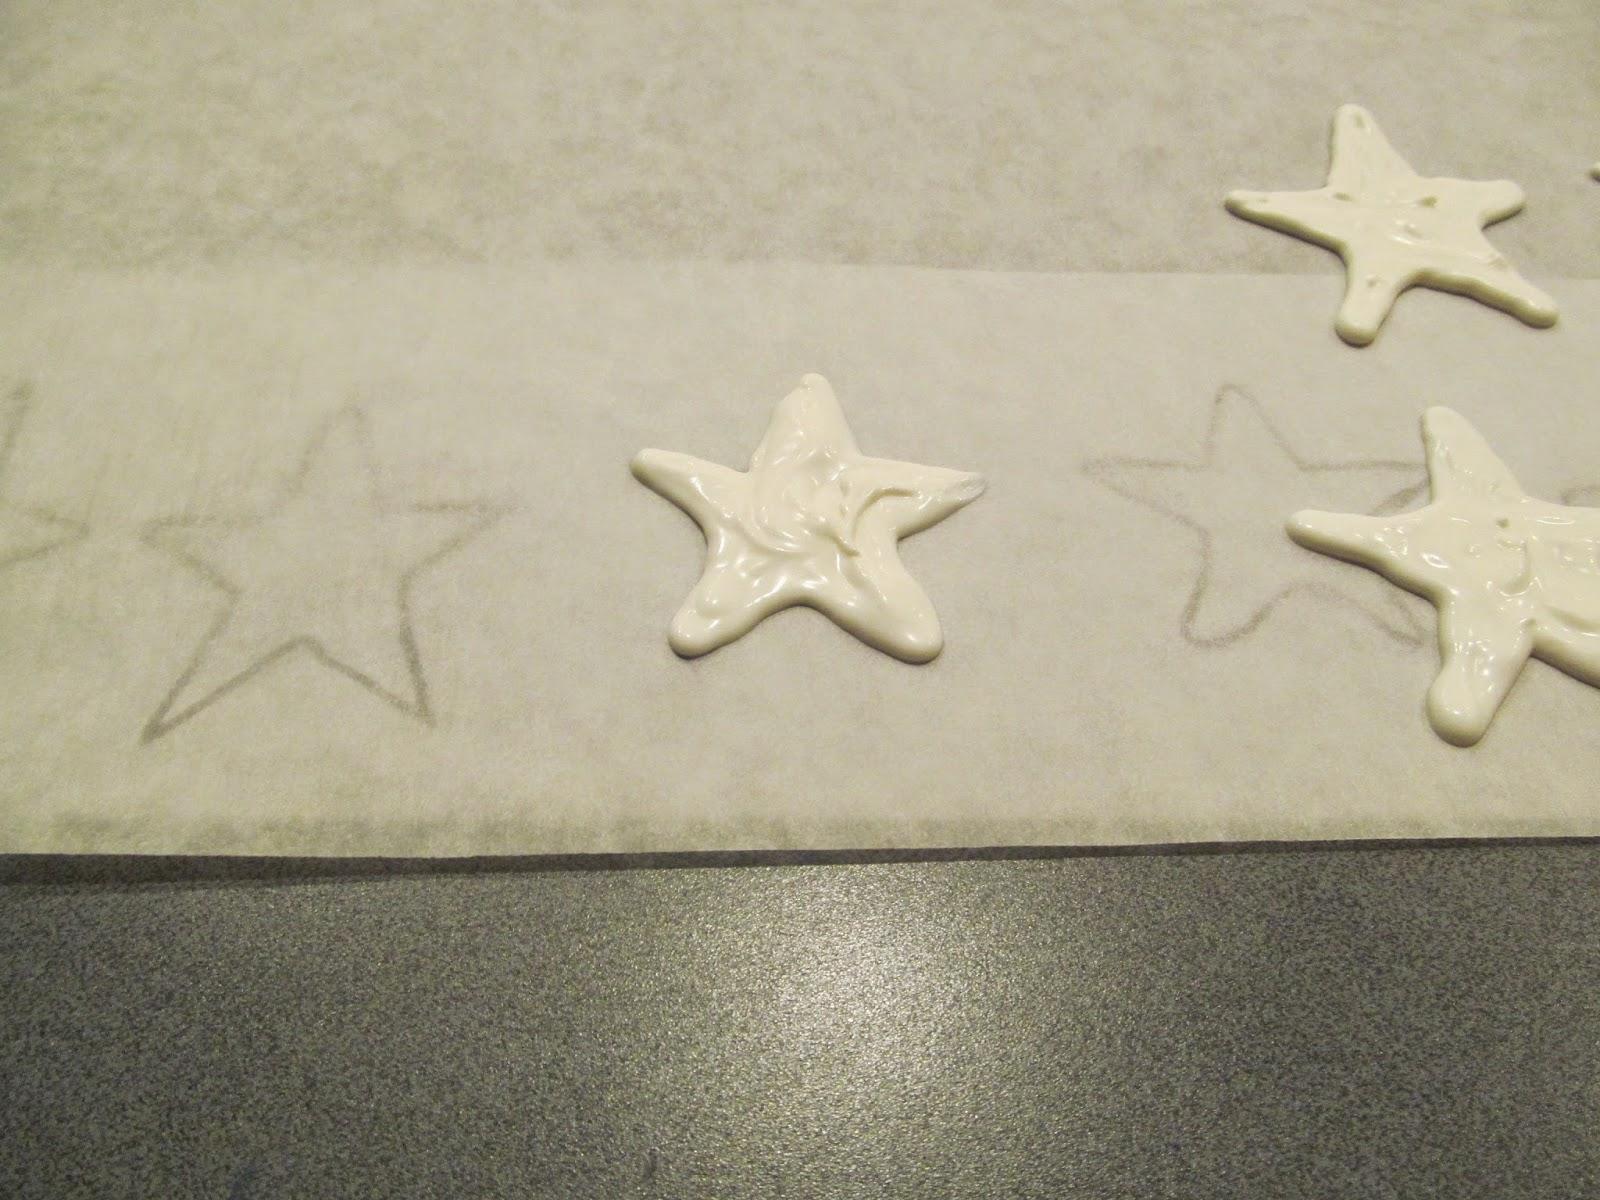 making white edible stars